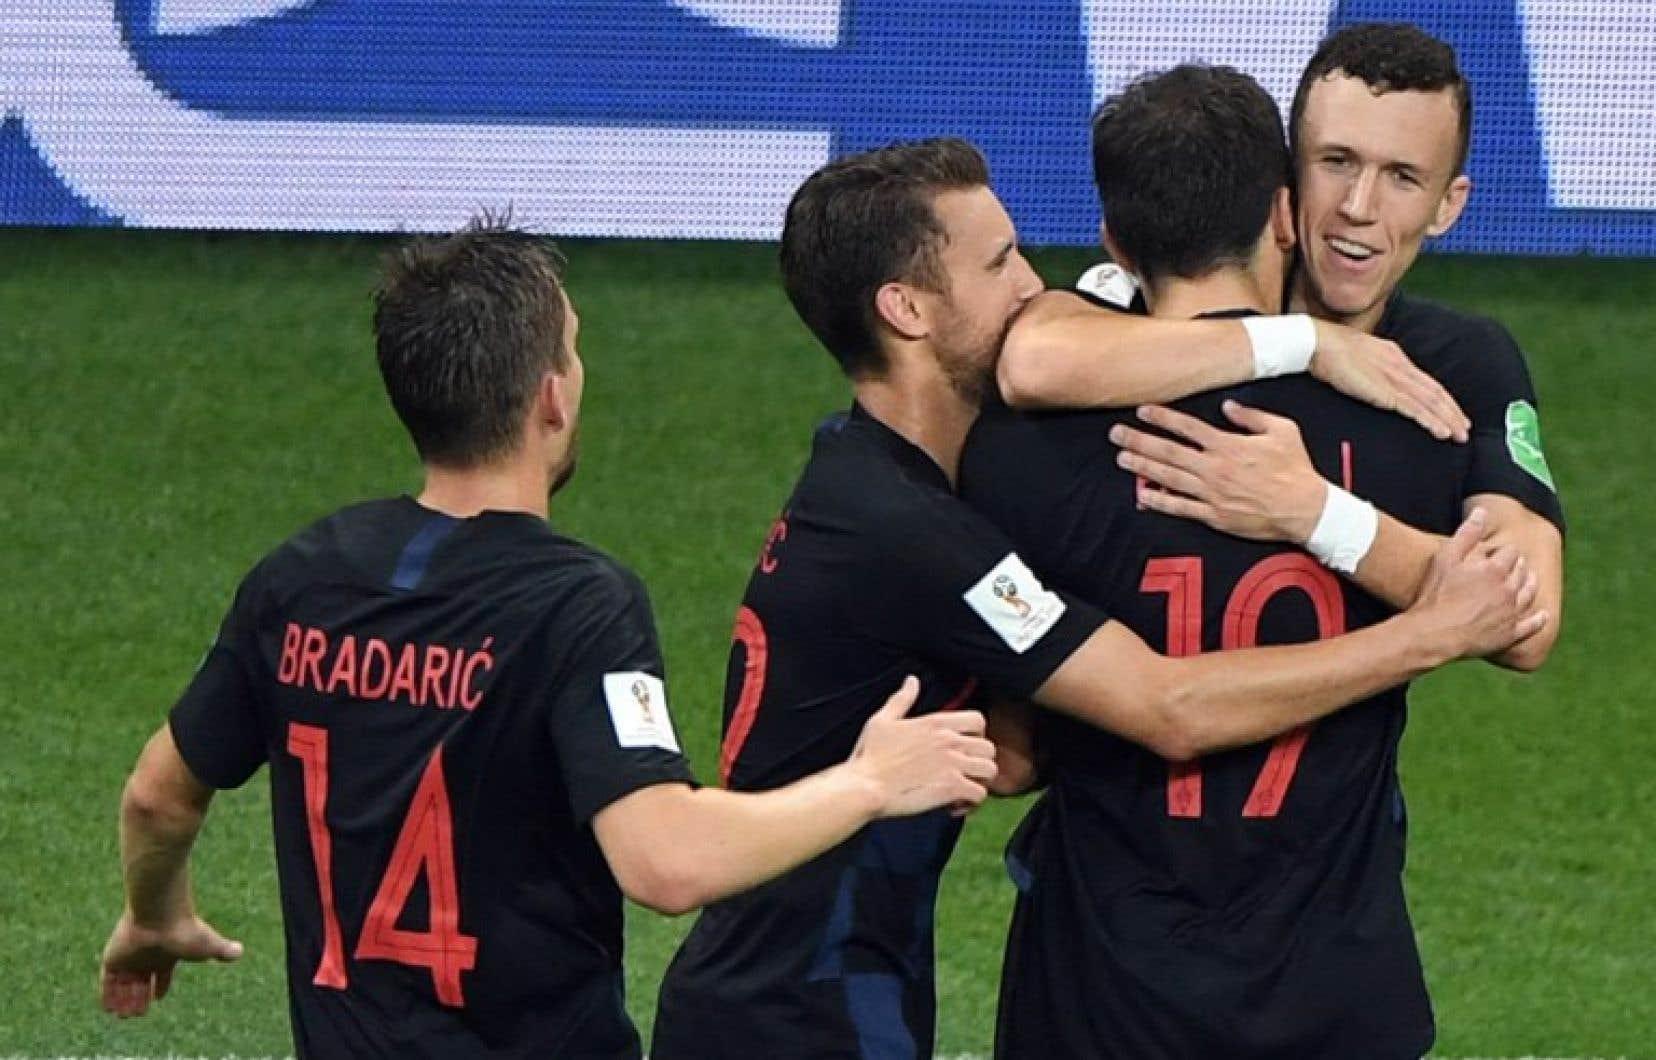 Les Croates n'avaient pas grand-chose à craindre pour leur première place, et ils n'ont vraiment pas forcé.